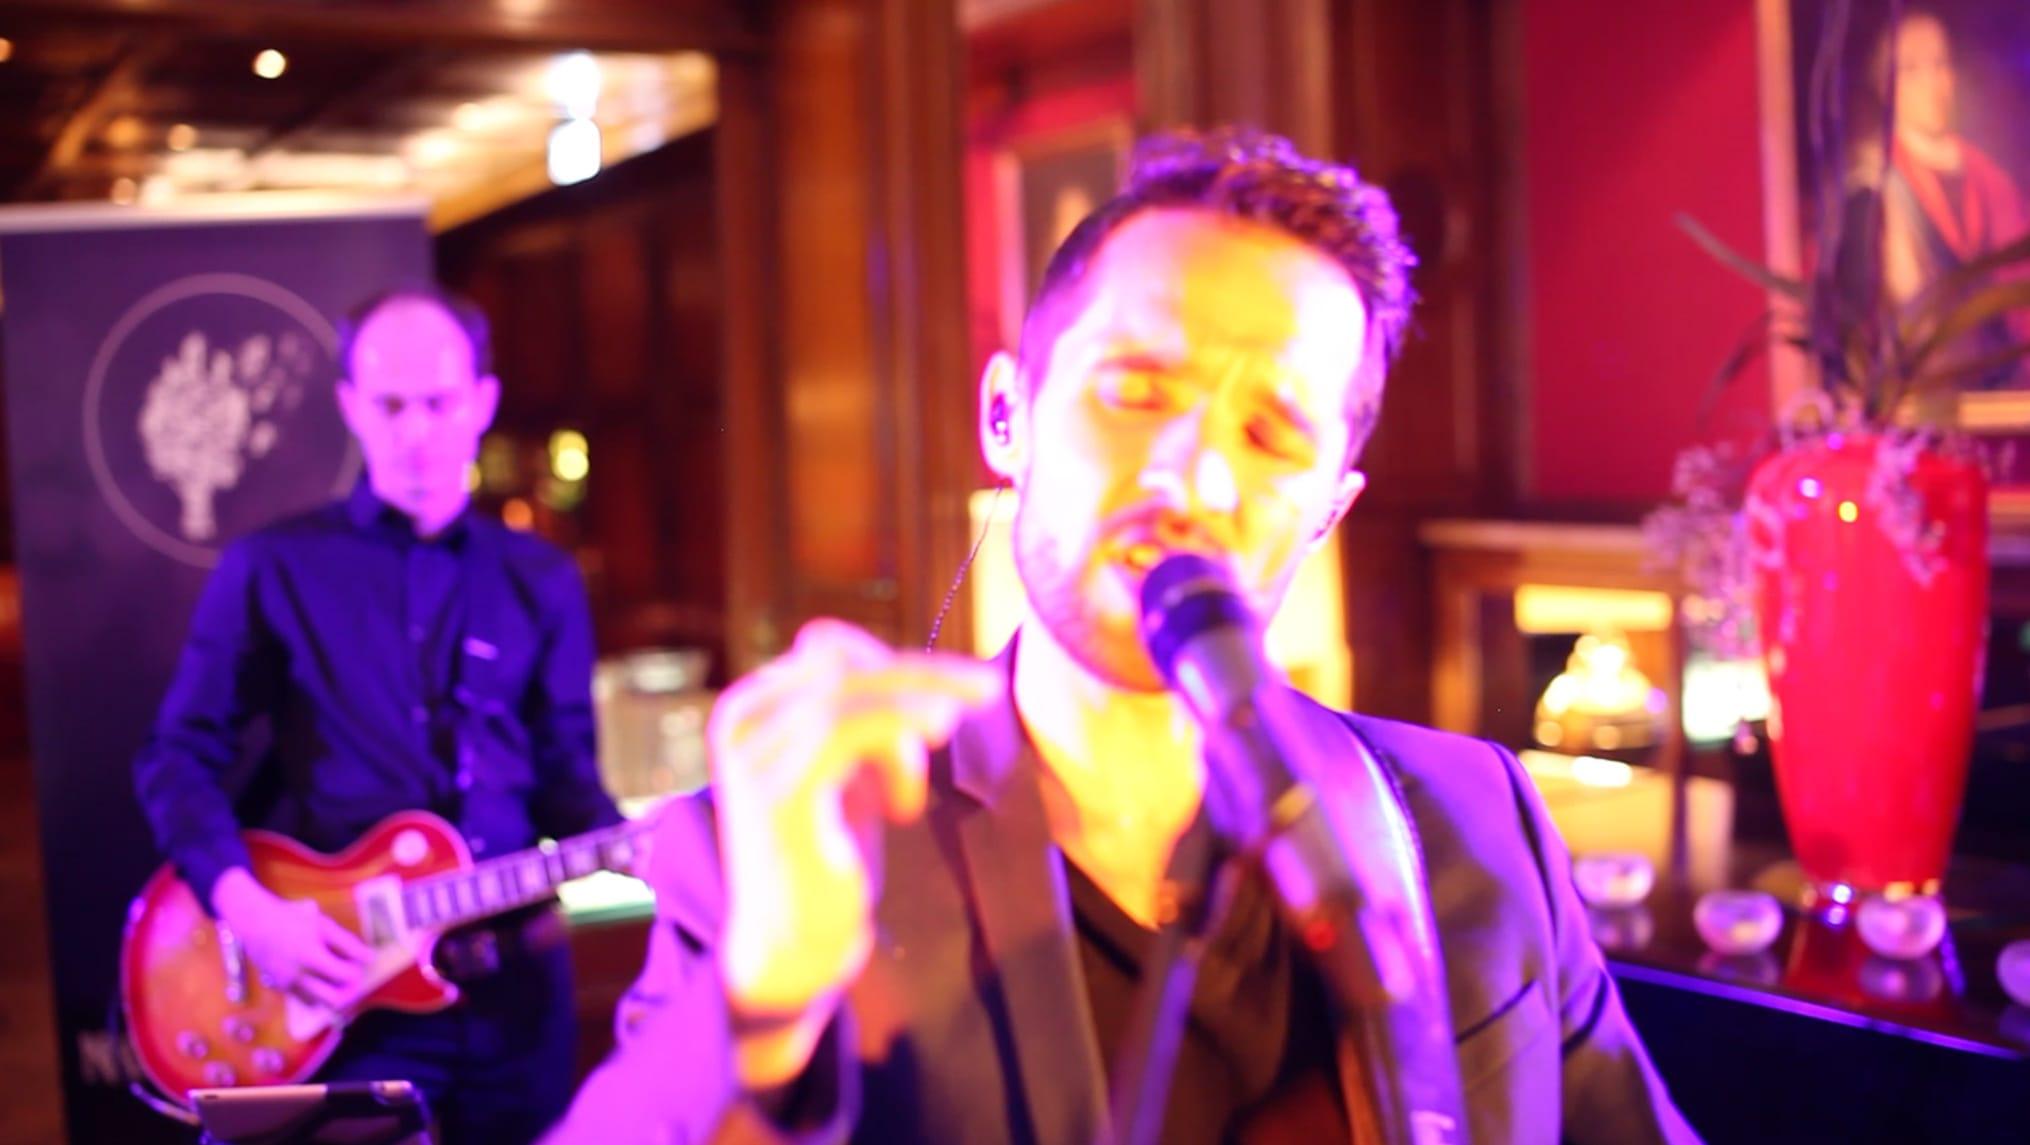 Livemusik in der Lobby, dem Hotel, Golfclub, Wellness und Spa, Casino mit Barmusik, Jazz und Musik à la carte